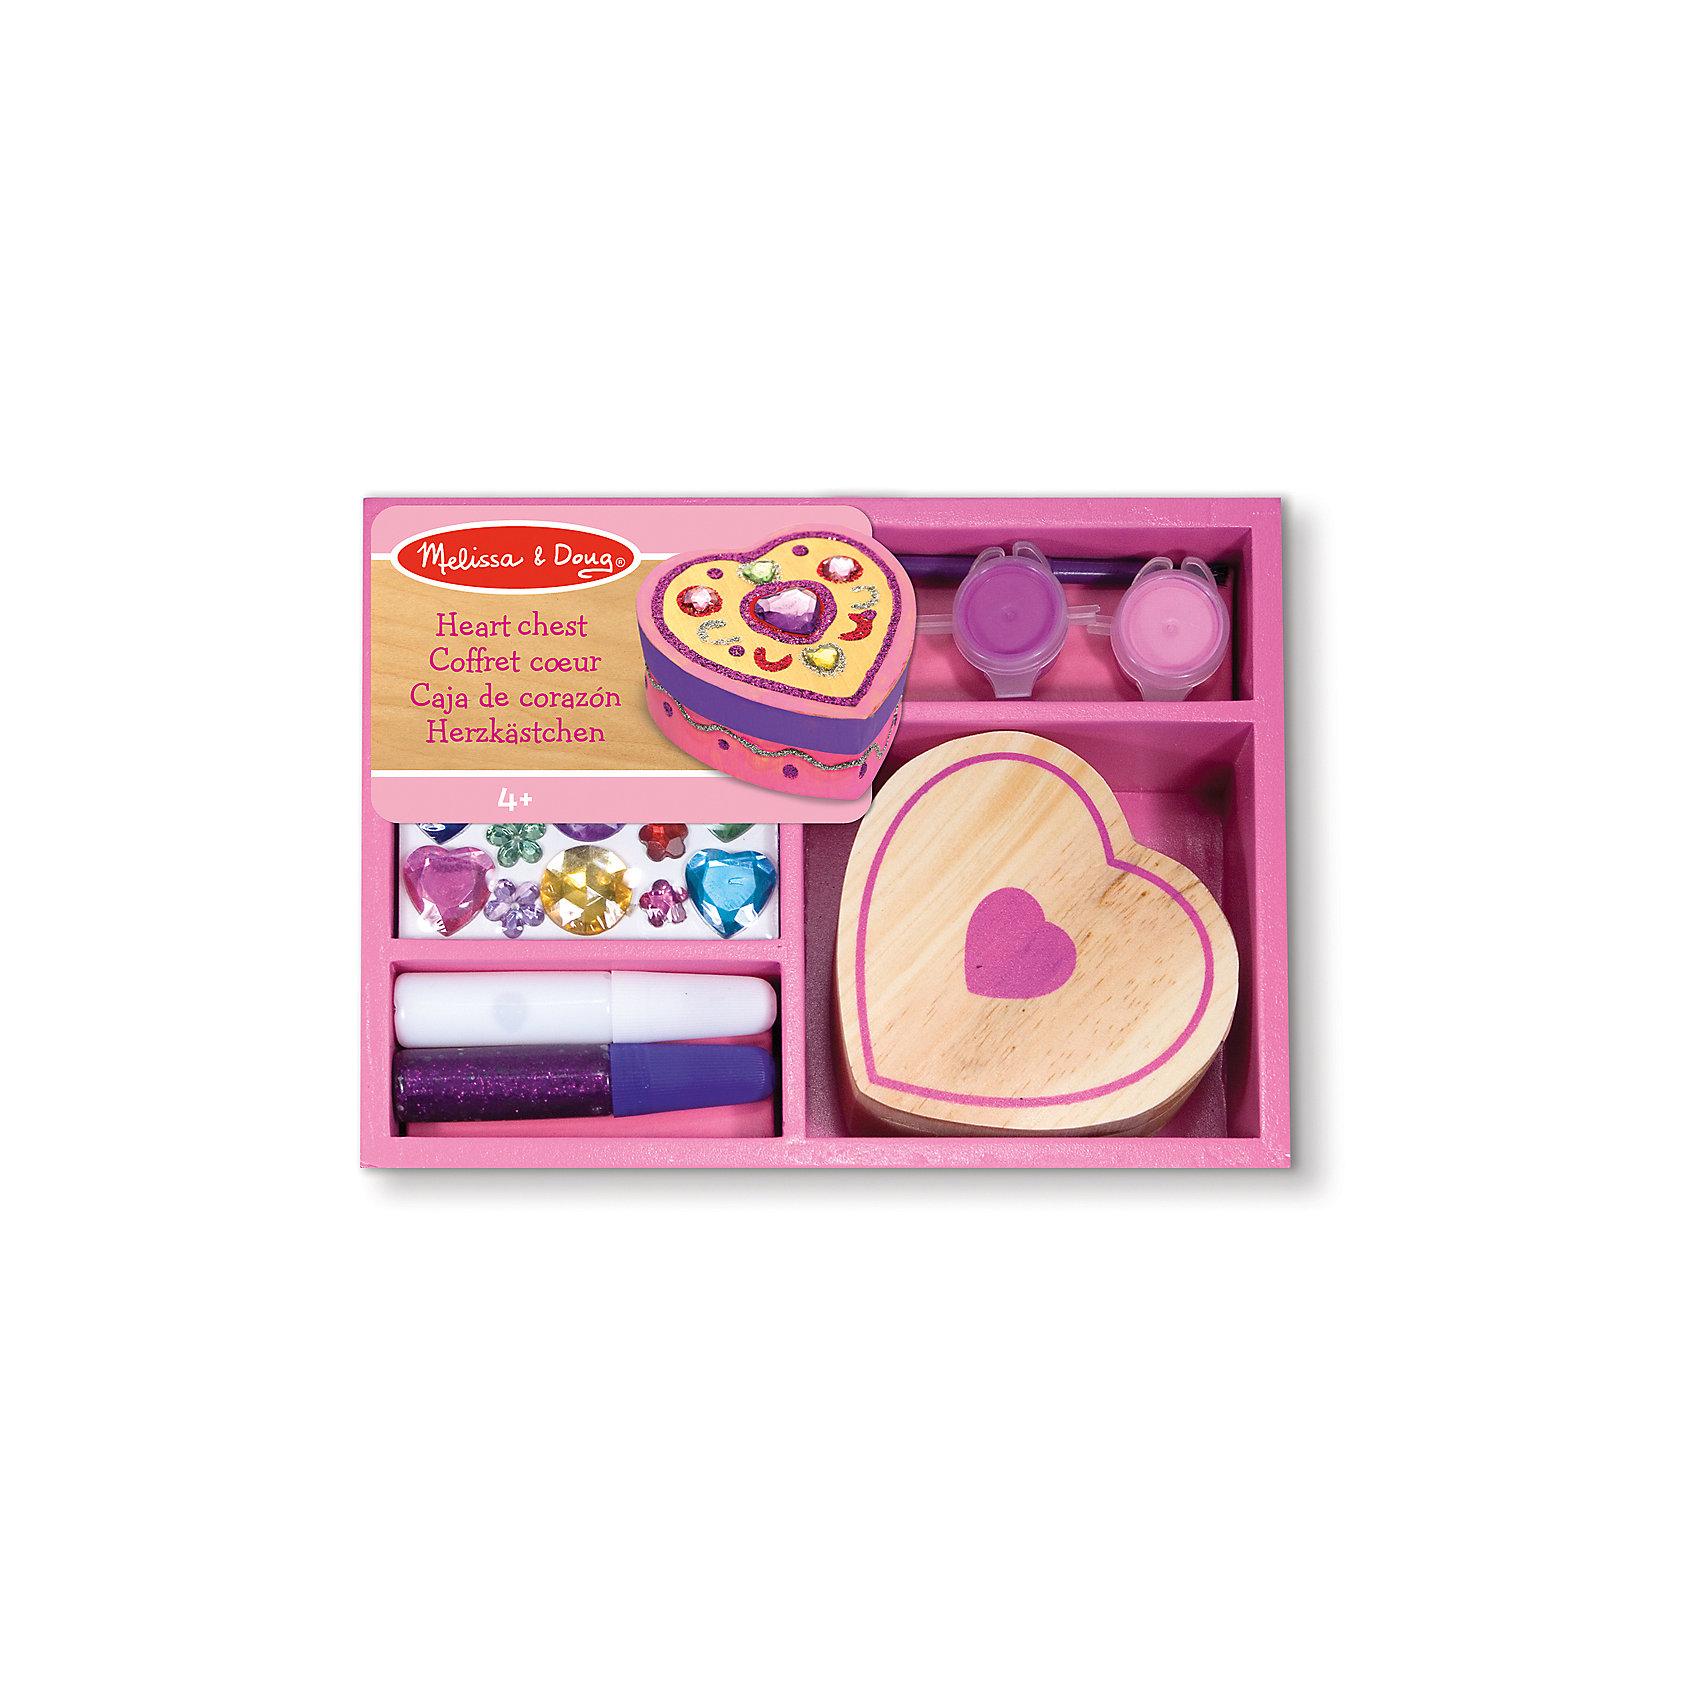 Набор Шкатулка-сердце, Melissa &amp; DougНабор Шкатулка-сердце, Melissa &amp; Doug (Мелисса и Даг) – это замечательный набор серии «творчество», укомплектованный в деревянный розовый ящик. С помощью набора Ваша девочка самостоятельно смастерит милую шкатулку, в которой сможет хранить свои сокровища и украшения. Набор Шкатулка-сердце способствует развитию творческого мышления, художественных навыков и чувства вкуса.<br><br>Комплектация: шкатулка в форме сердца, клей, блестки, краски и кисточка, разноцветные прозрачные камушки<br><br>Дополнительная информация:<br>-Размер шкатулки: 8х8 см<br>-Материал: дерево, пластик<br>-Размер упаковки: 19x15x5 см<br><br>Благодаря такому набору Ваша маленькая рукодельница сможет своими руками создать уникальную шкатулку для хранения своих украшений. <br><br>Набор Шкатулка-сердце, Melissa &amp; Doug (Мелисса и Даг) можно купить в нашем магазине.<br><br>Ширина мм: 50<br>Глубина мм: 130<br>Высота мм: 180<br>Вес г: 410<br>Возраст от месяцев: 48<br>Возраст до месяцев: 72<br>Пол: Женский<br>Возраст: Детский<br>SKU: 2401065